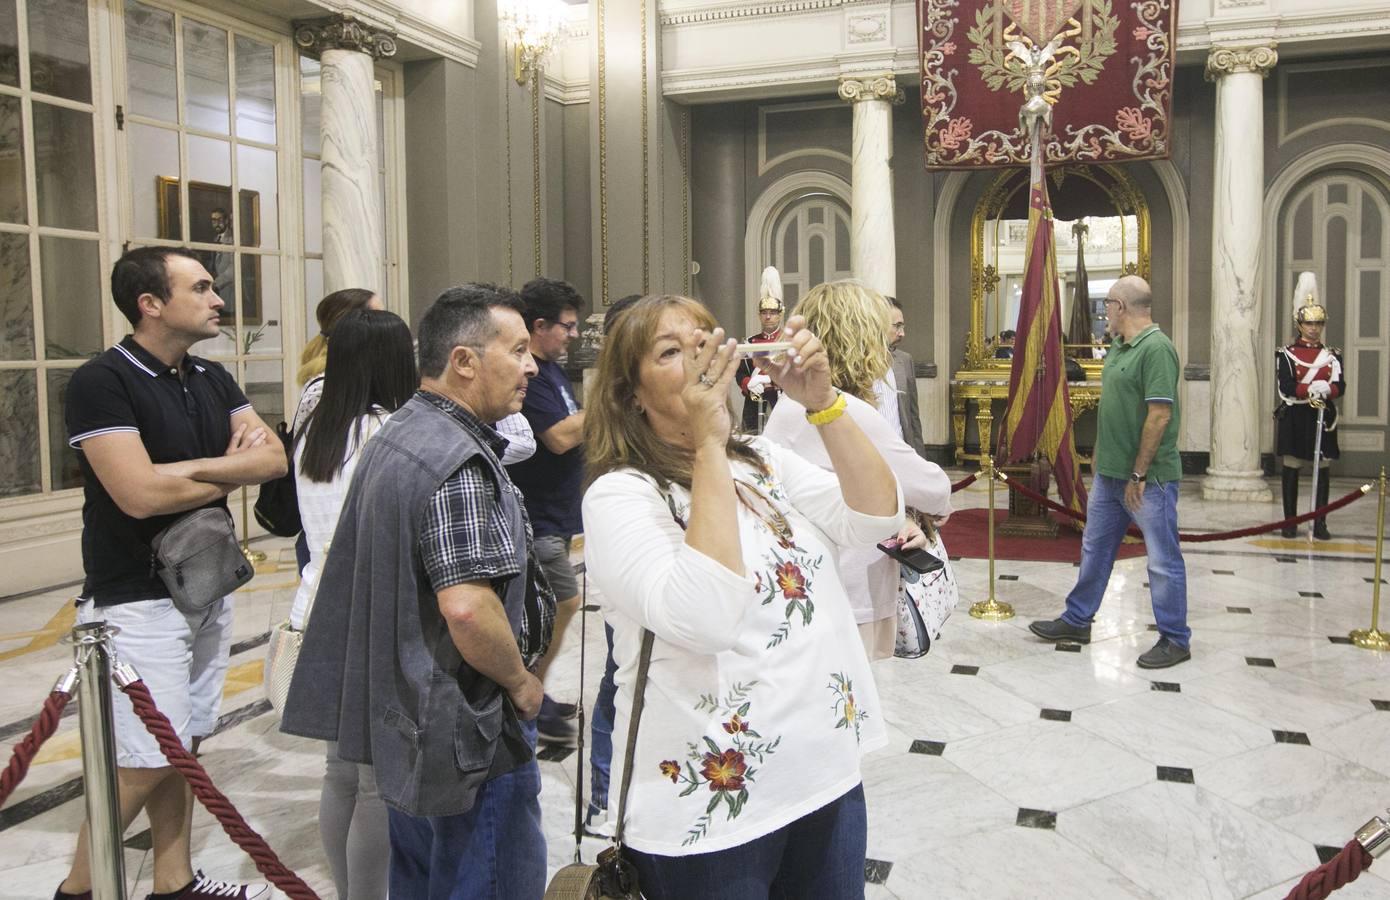 Fotos de la exposición de la Reial Senyera en el Ayuntamiento de Valencia